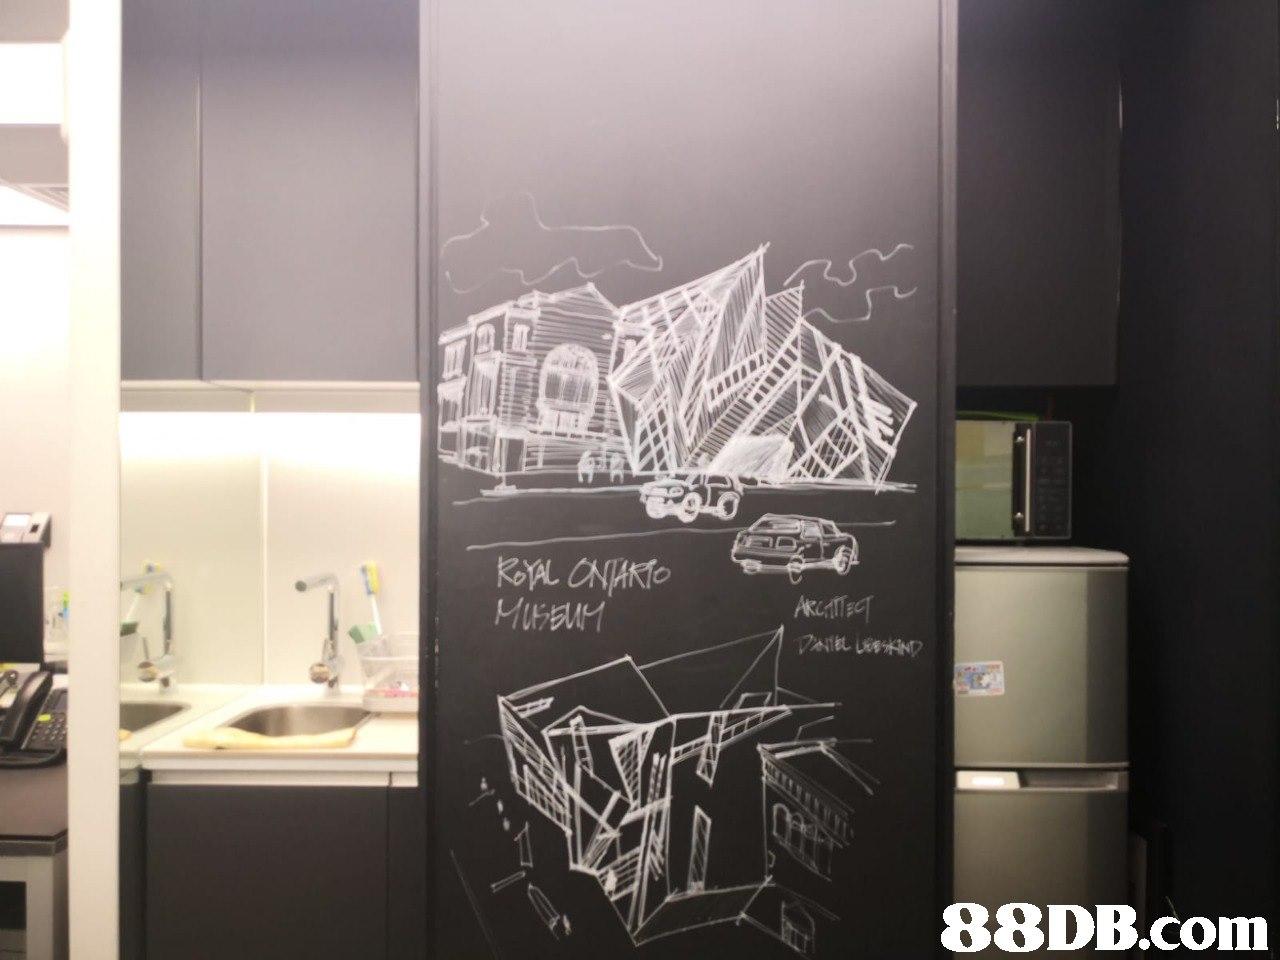 Wall,Room,Interior design,Design,Font